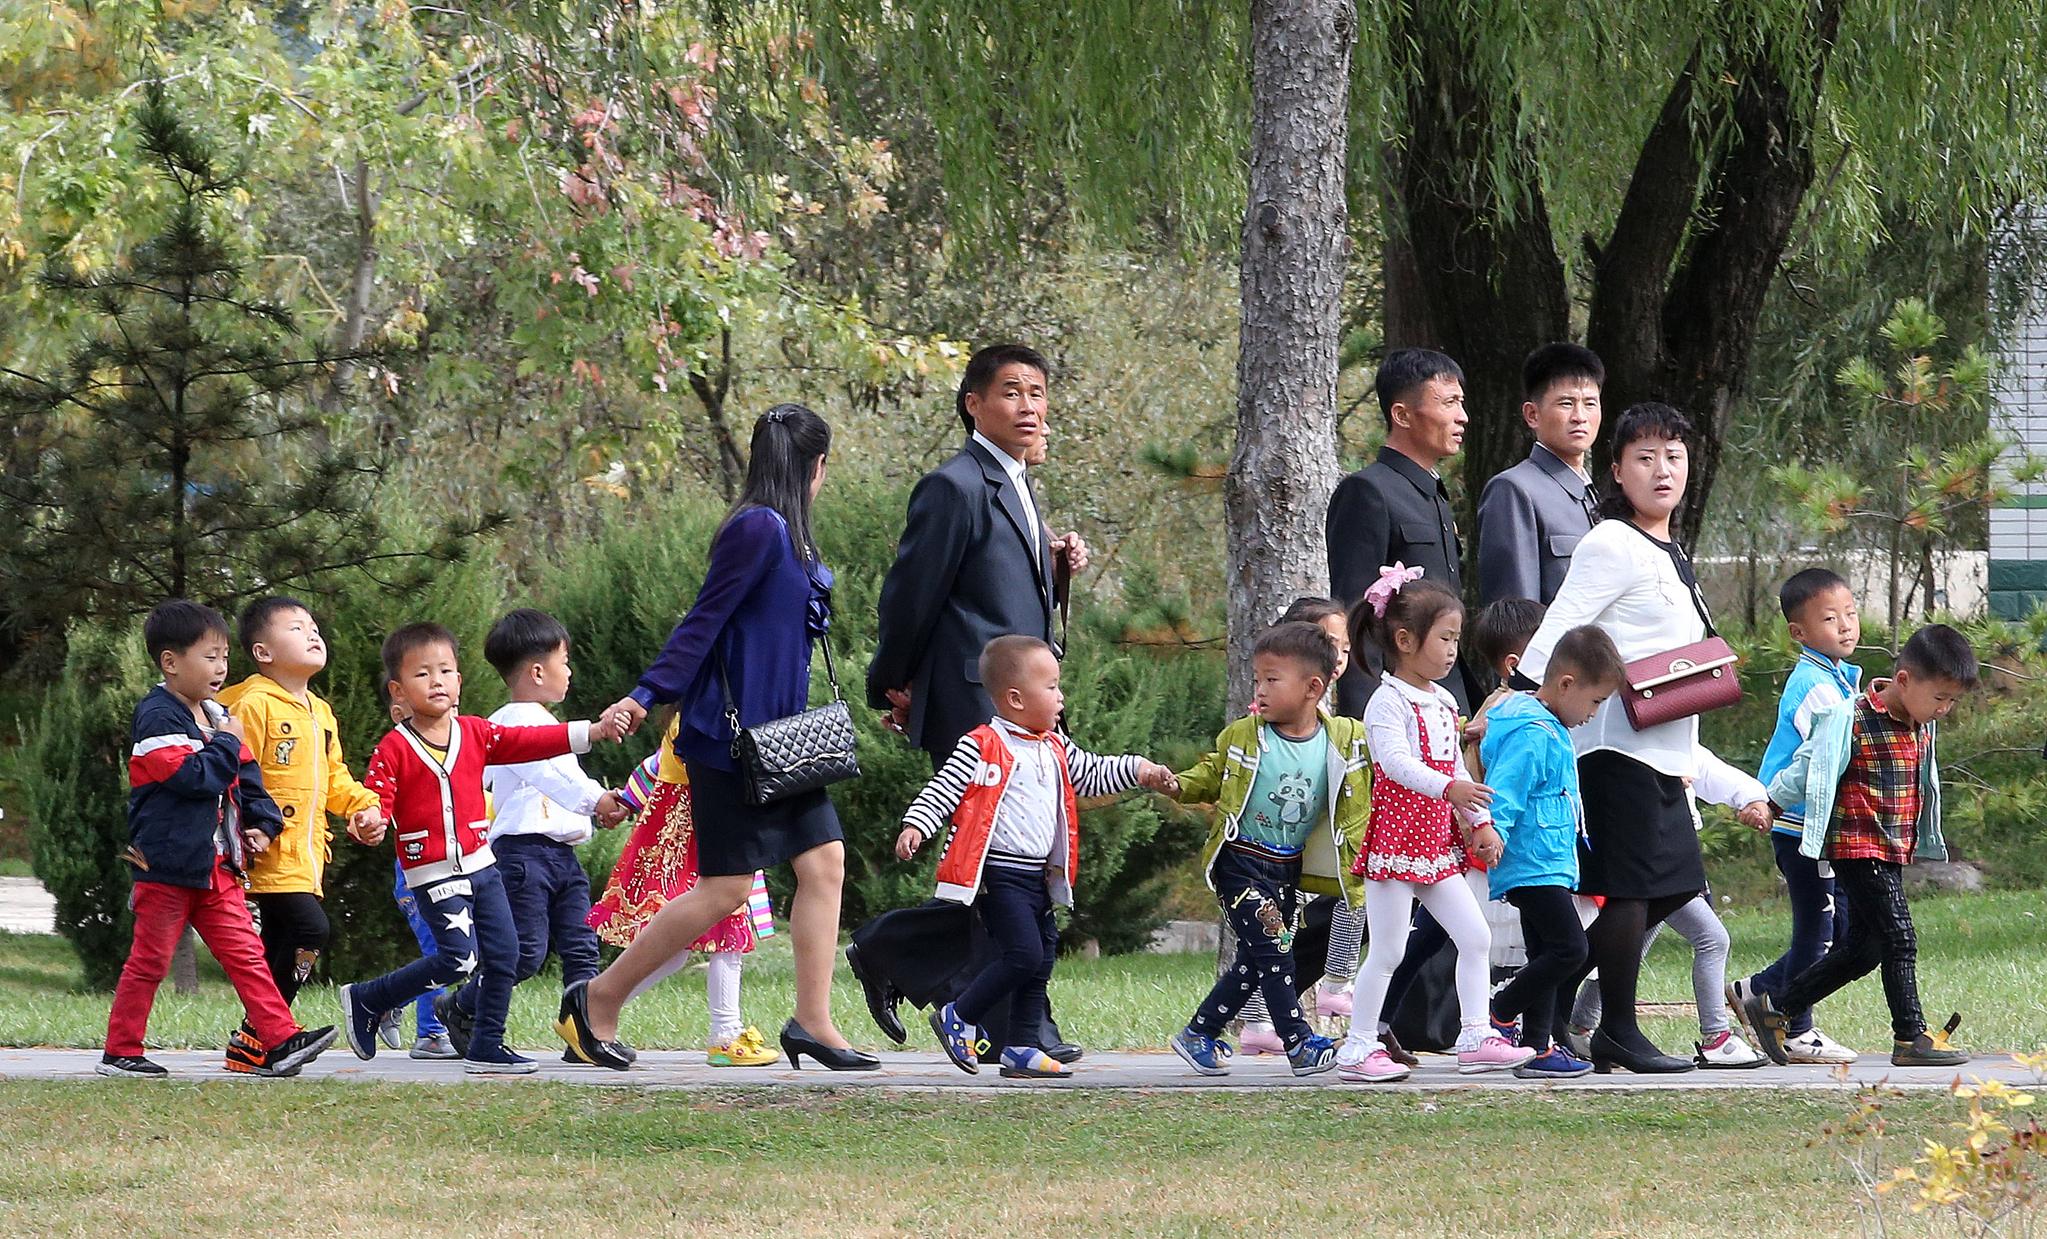 평양 어린이들이 지난 6일 평양 중앙동물원에서 선생님 손을 잡고 걸어가고 있다. 평양사진공동취재단